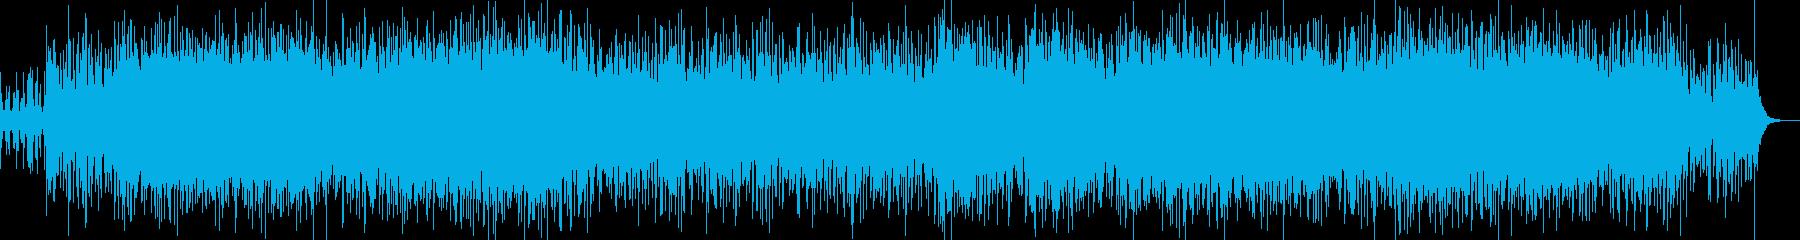 民族調+電子音=変な感じの再生済みの波形